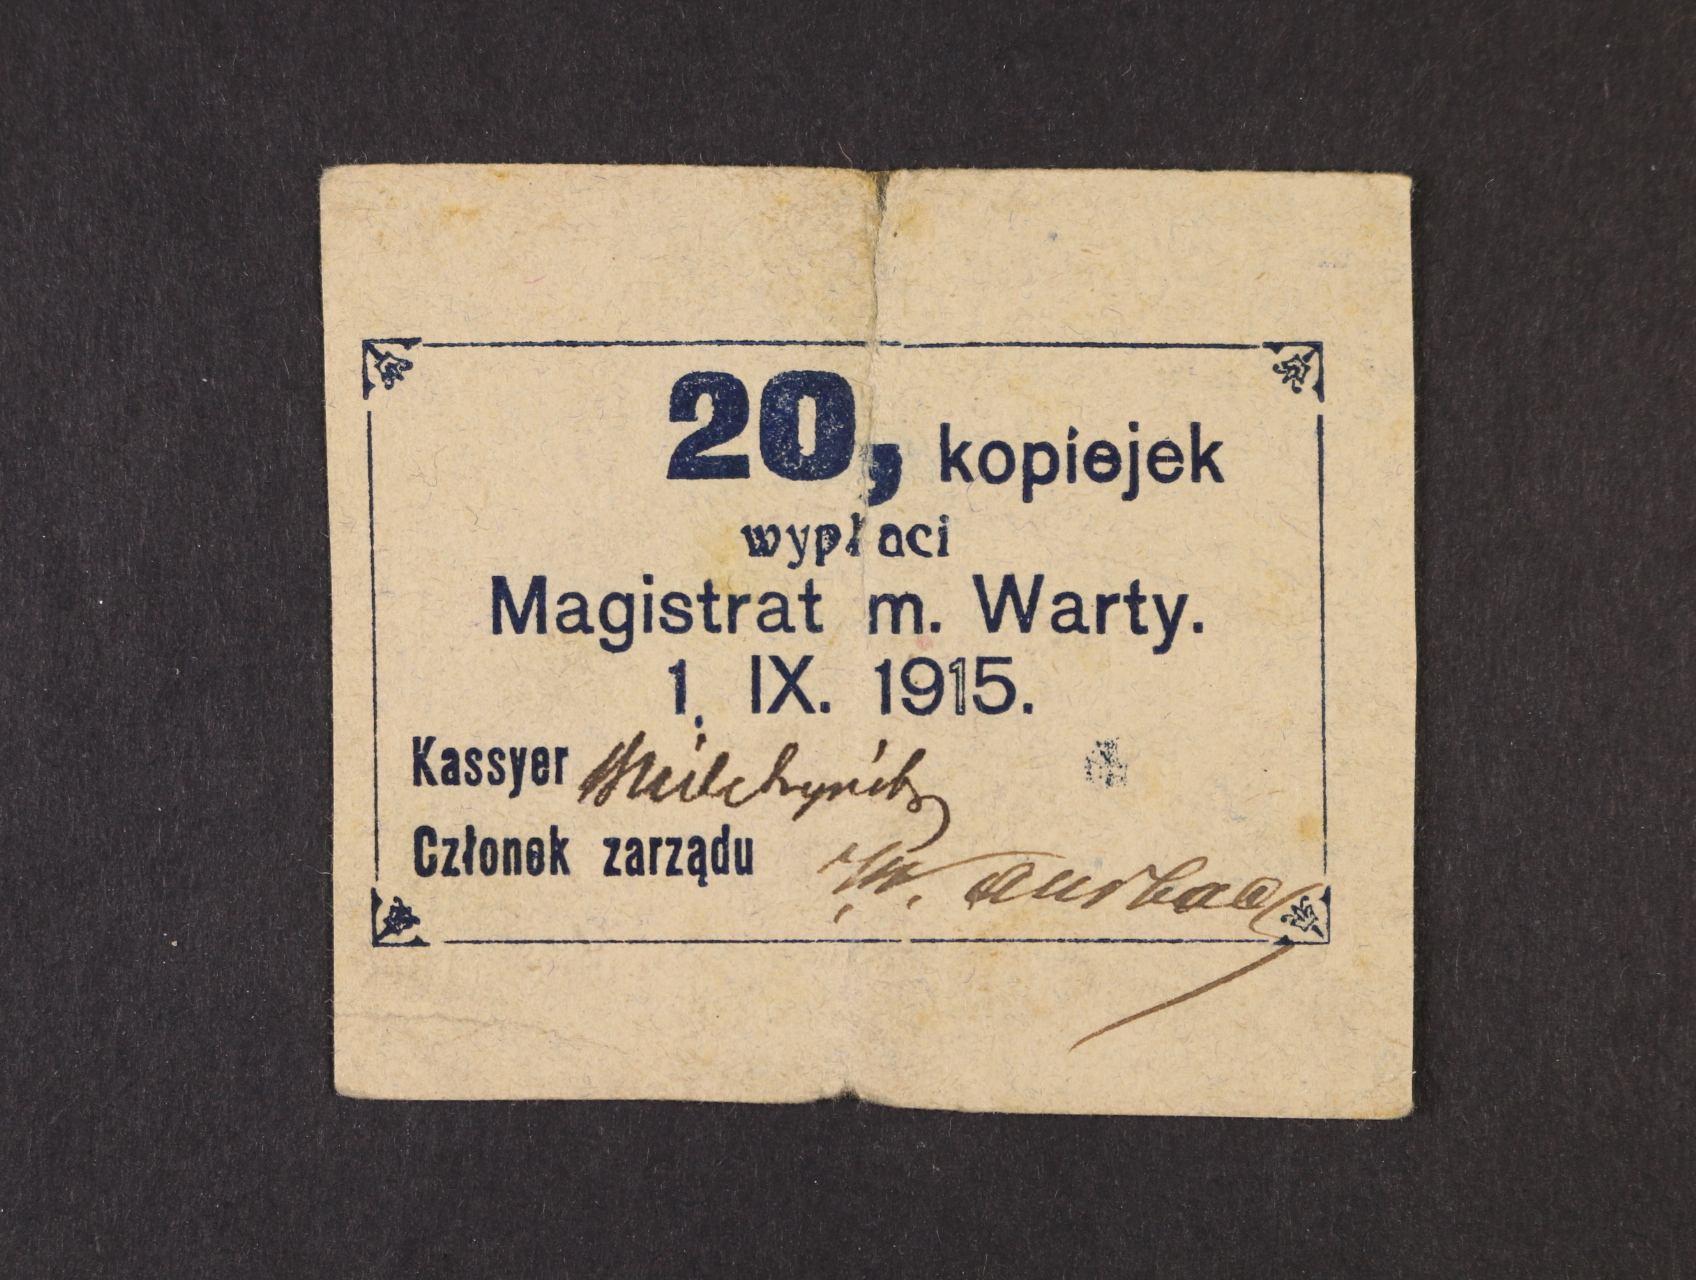 Warty, 20 kop. 1.9.1915 Magistrat, Rj. R-26730a